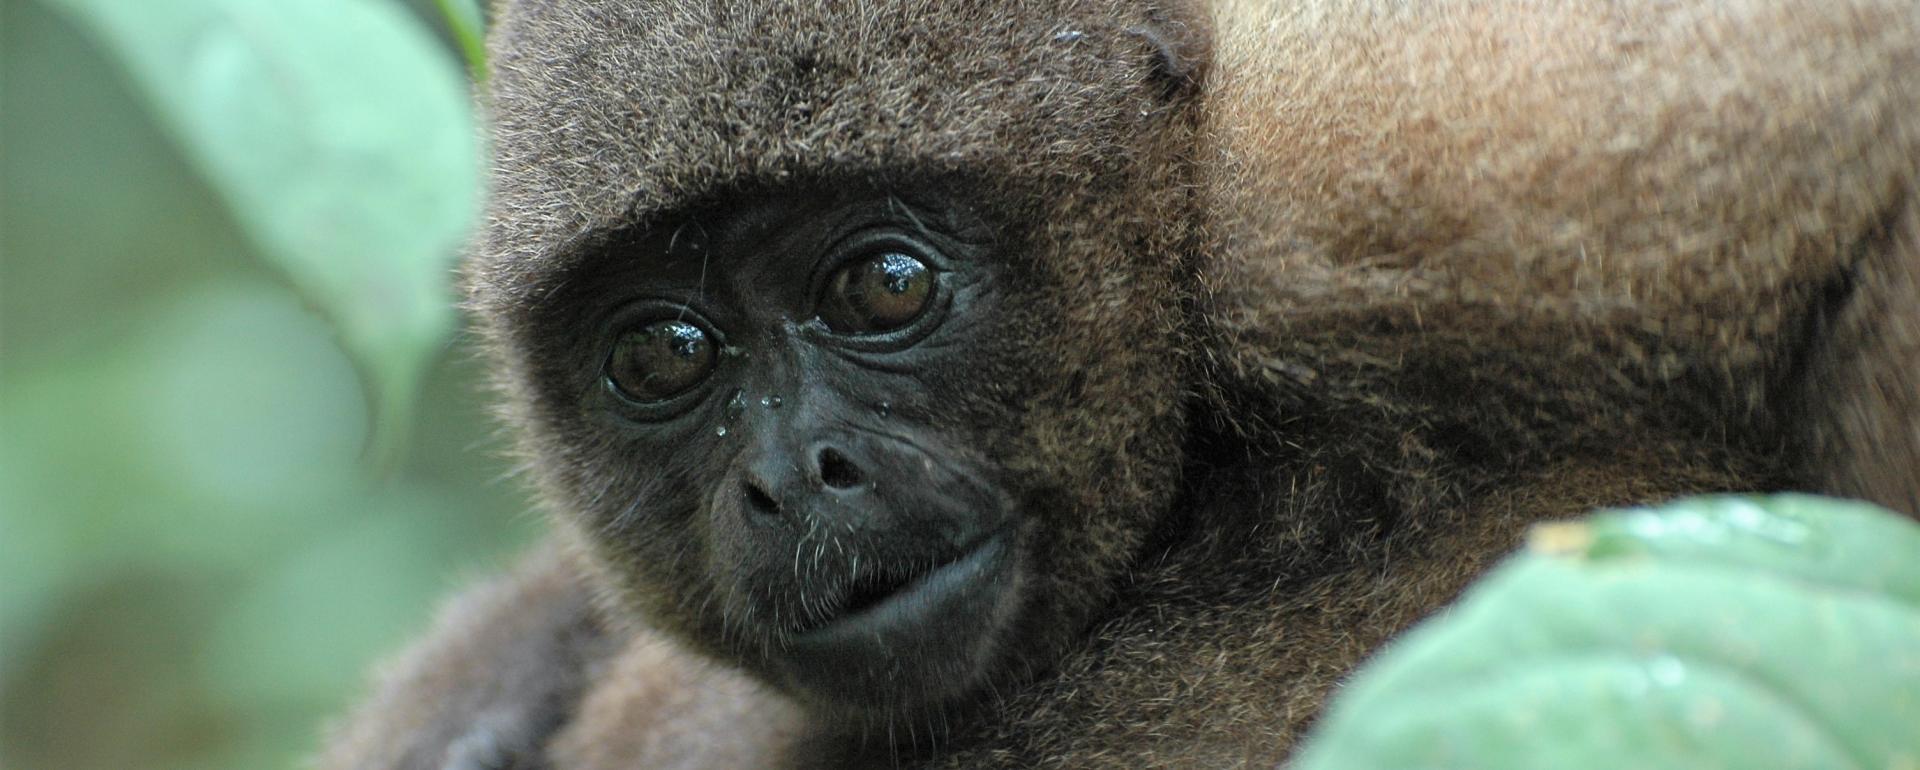 Société d'Encouragement pour la Conservation des Animaux Sauvages